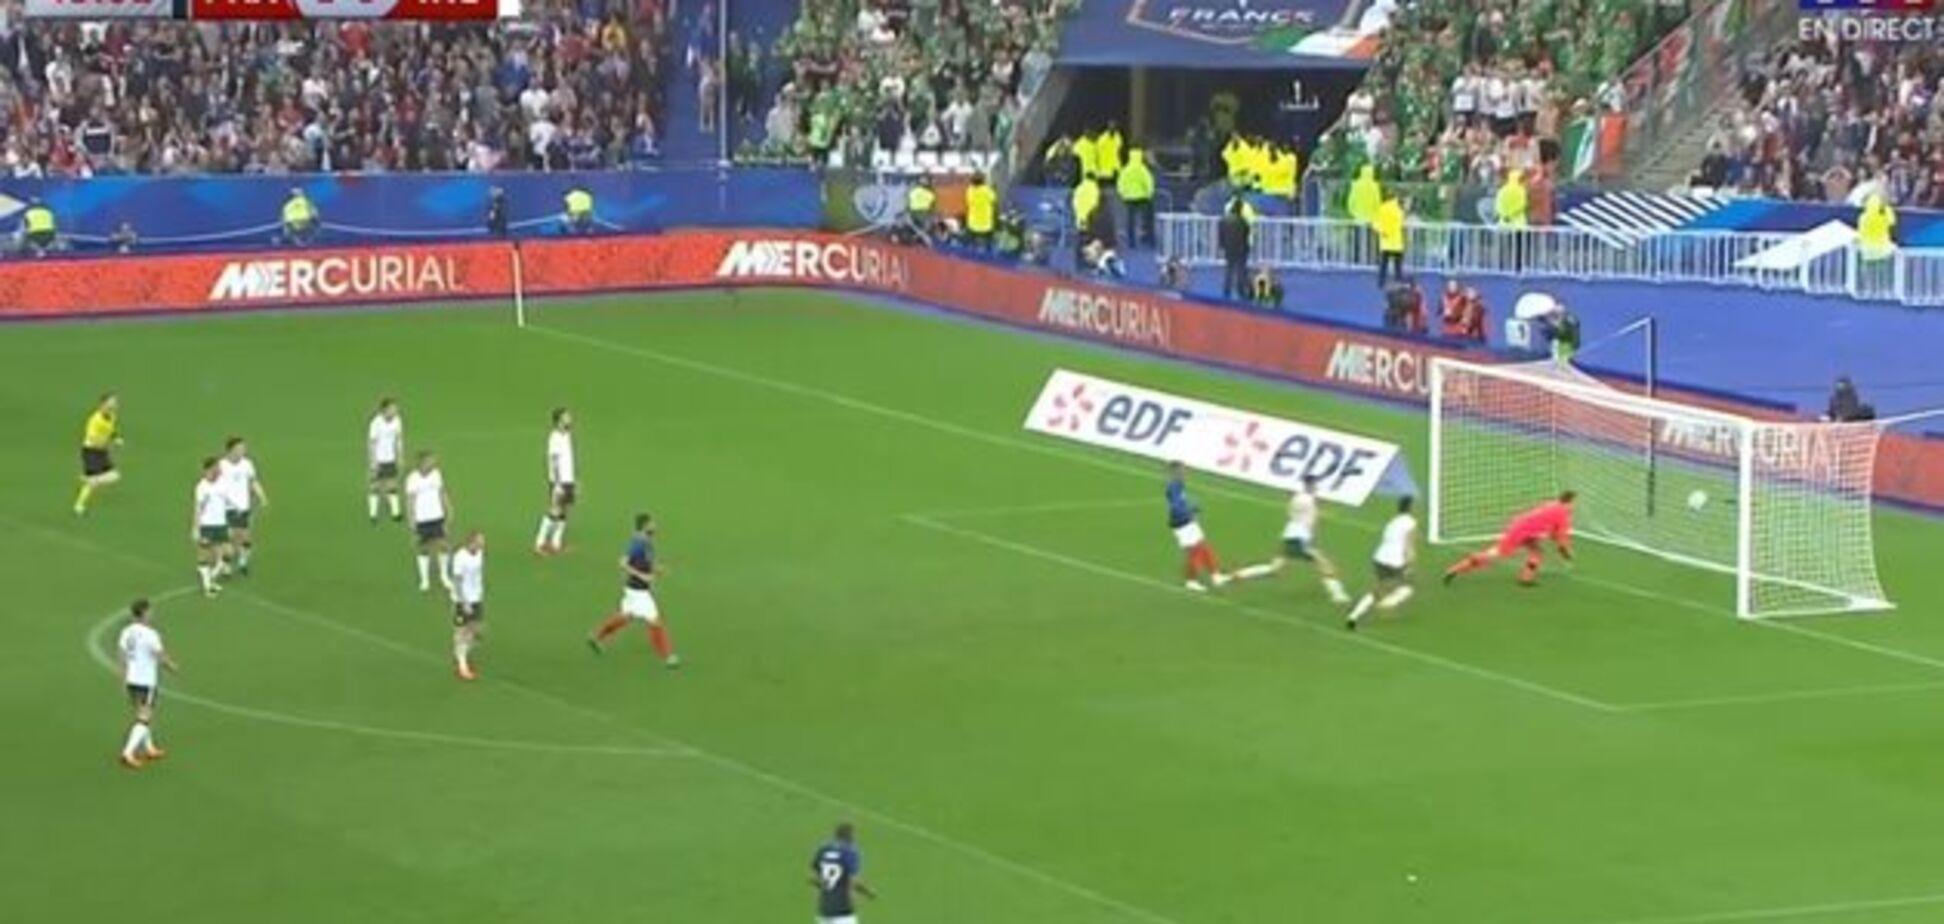 Заразився від Каріуса: воротар збірної Ірландії зробив дикий ляп в матчі з Францією - відео курйозу